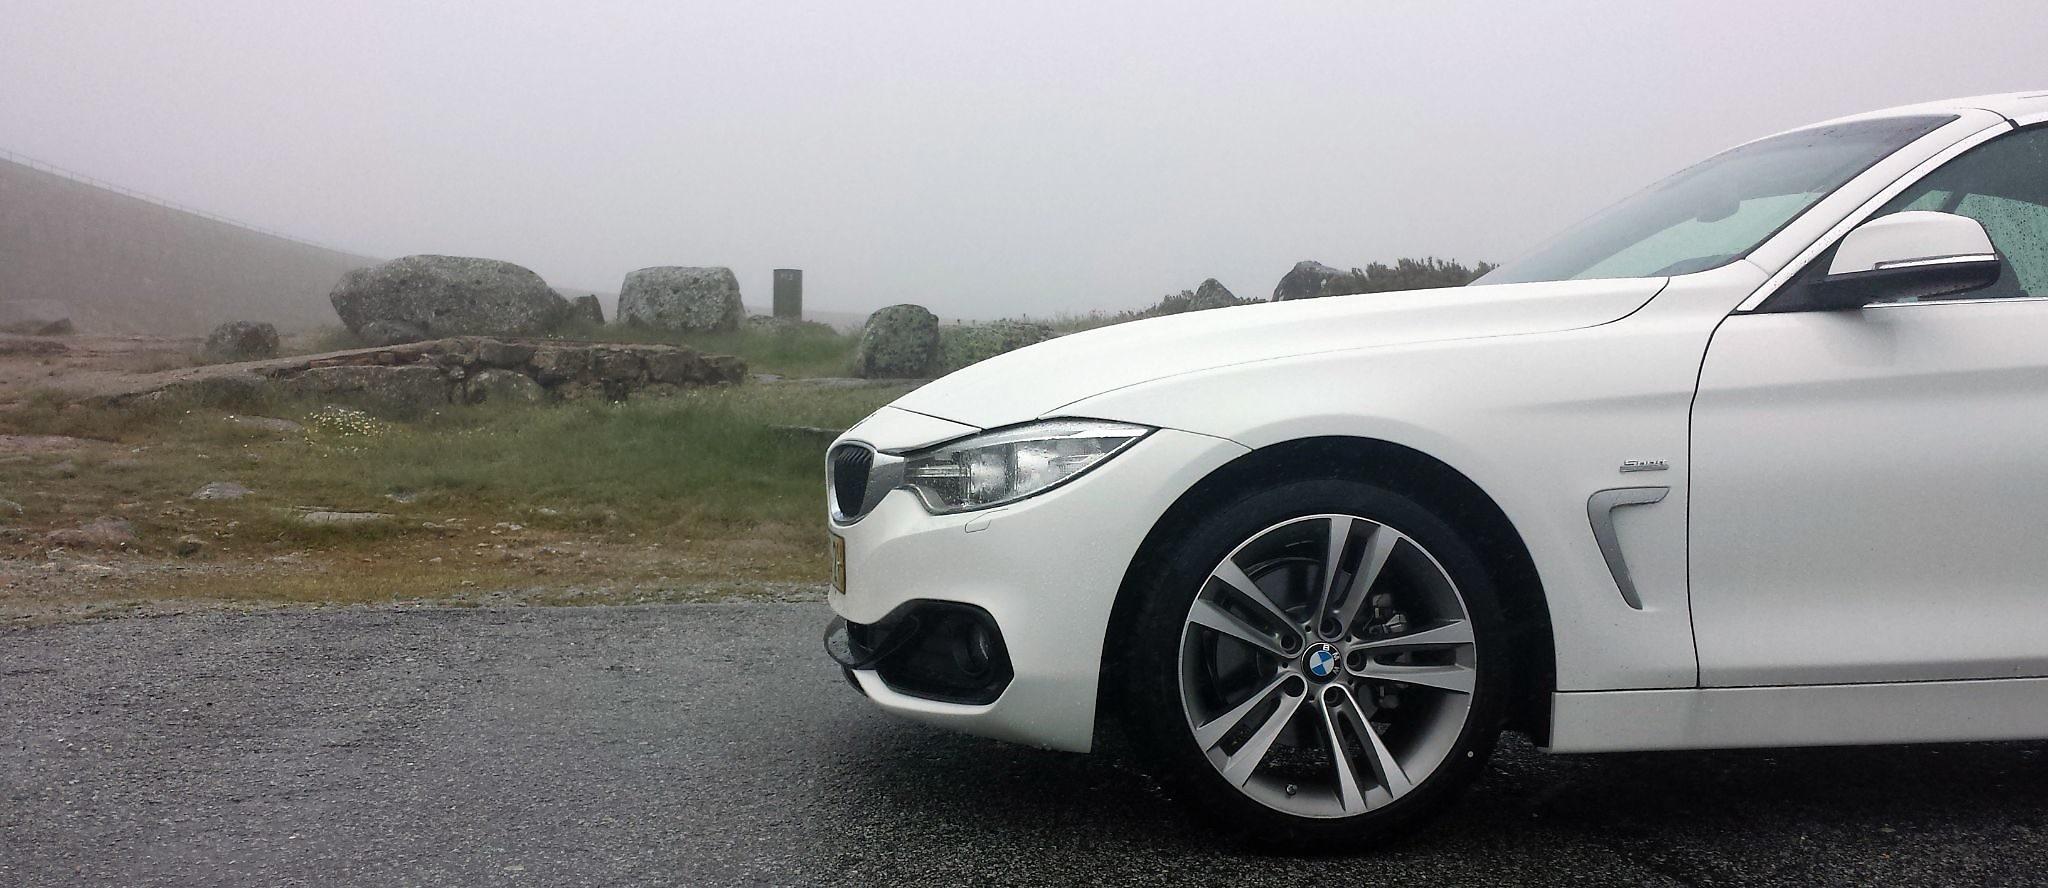 BMW 420d Cabrio in Portugal